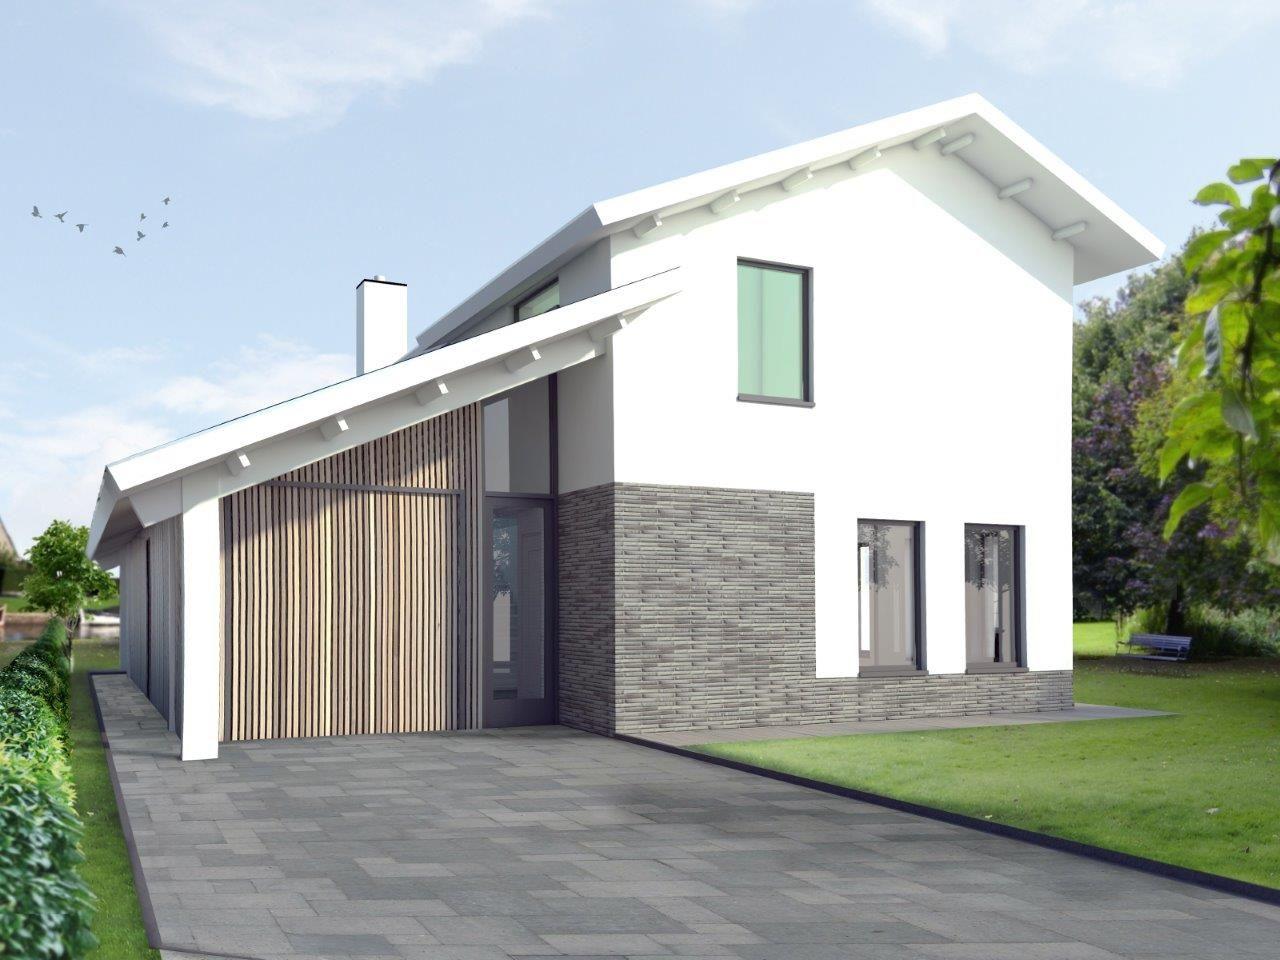 Amazing huis ontwerpen with huis ontwerpen for Huis ontwerpen